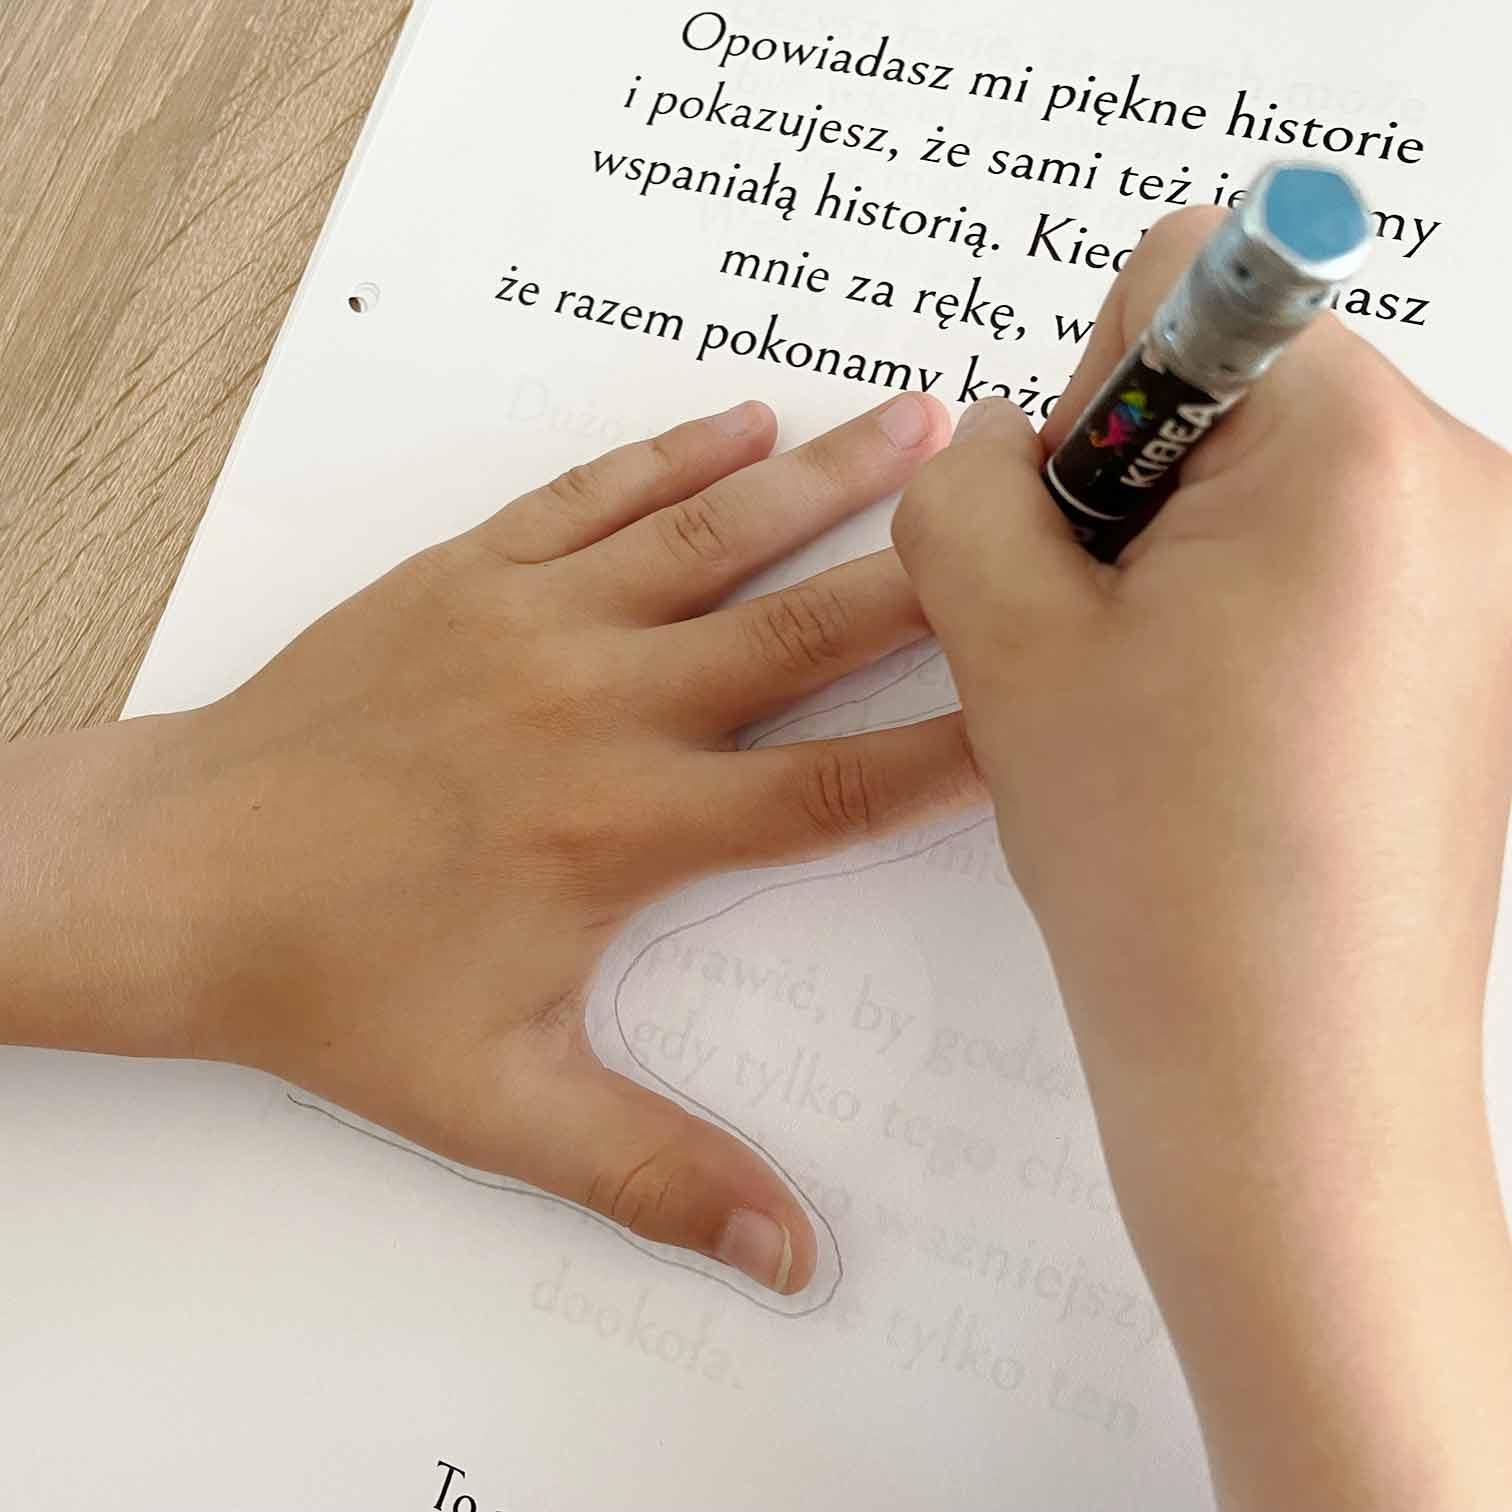 Dziecko robi prezent dla taty - rysuje swoją dłoń